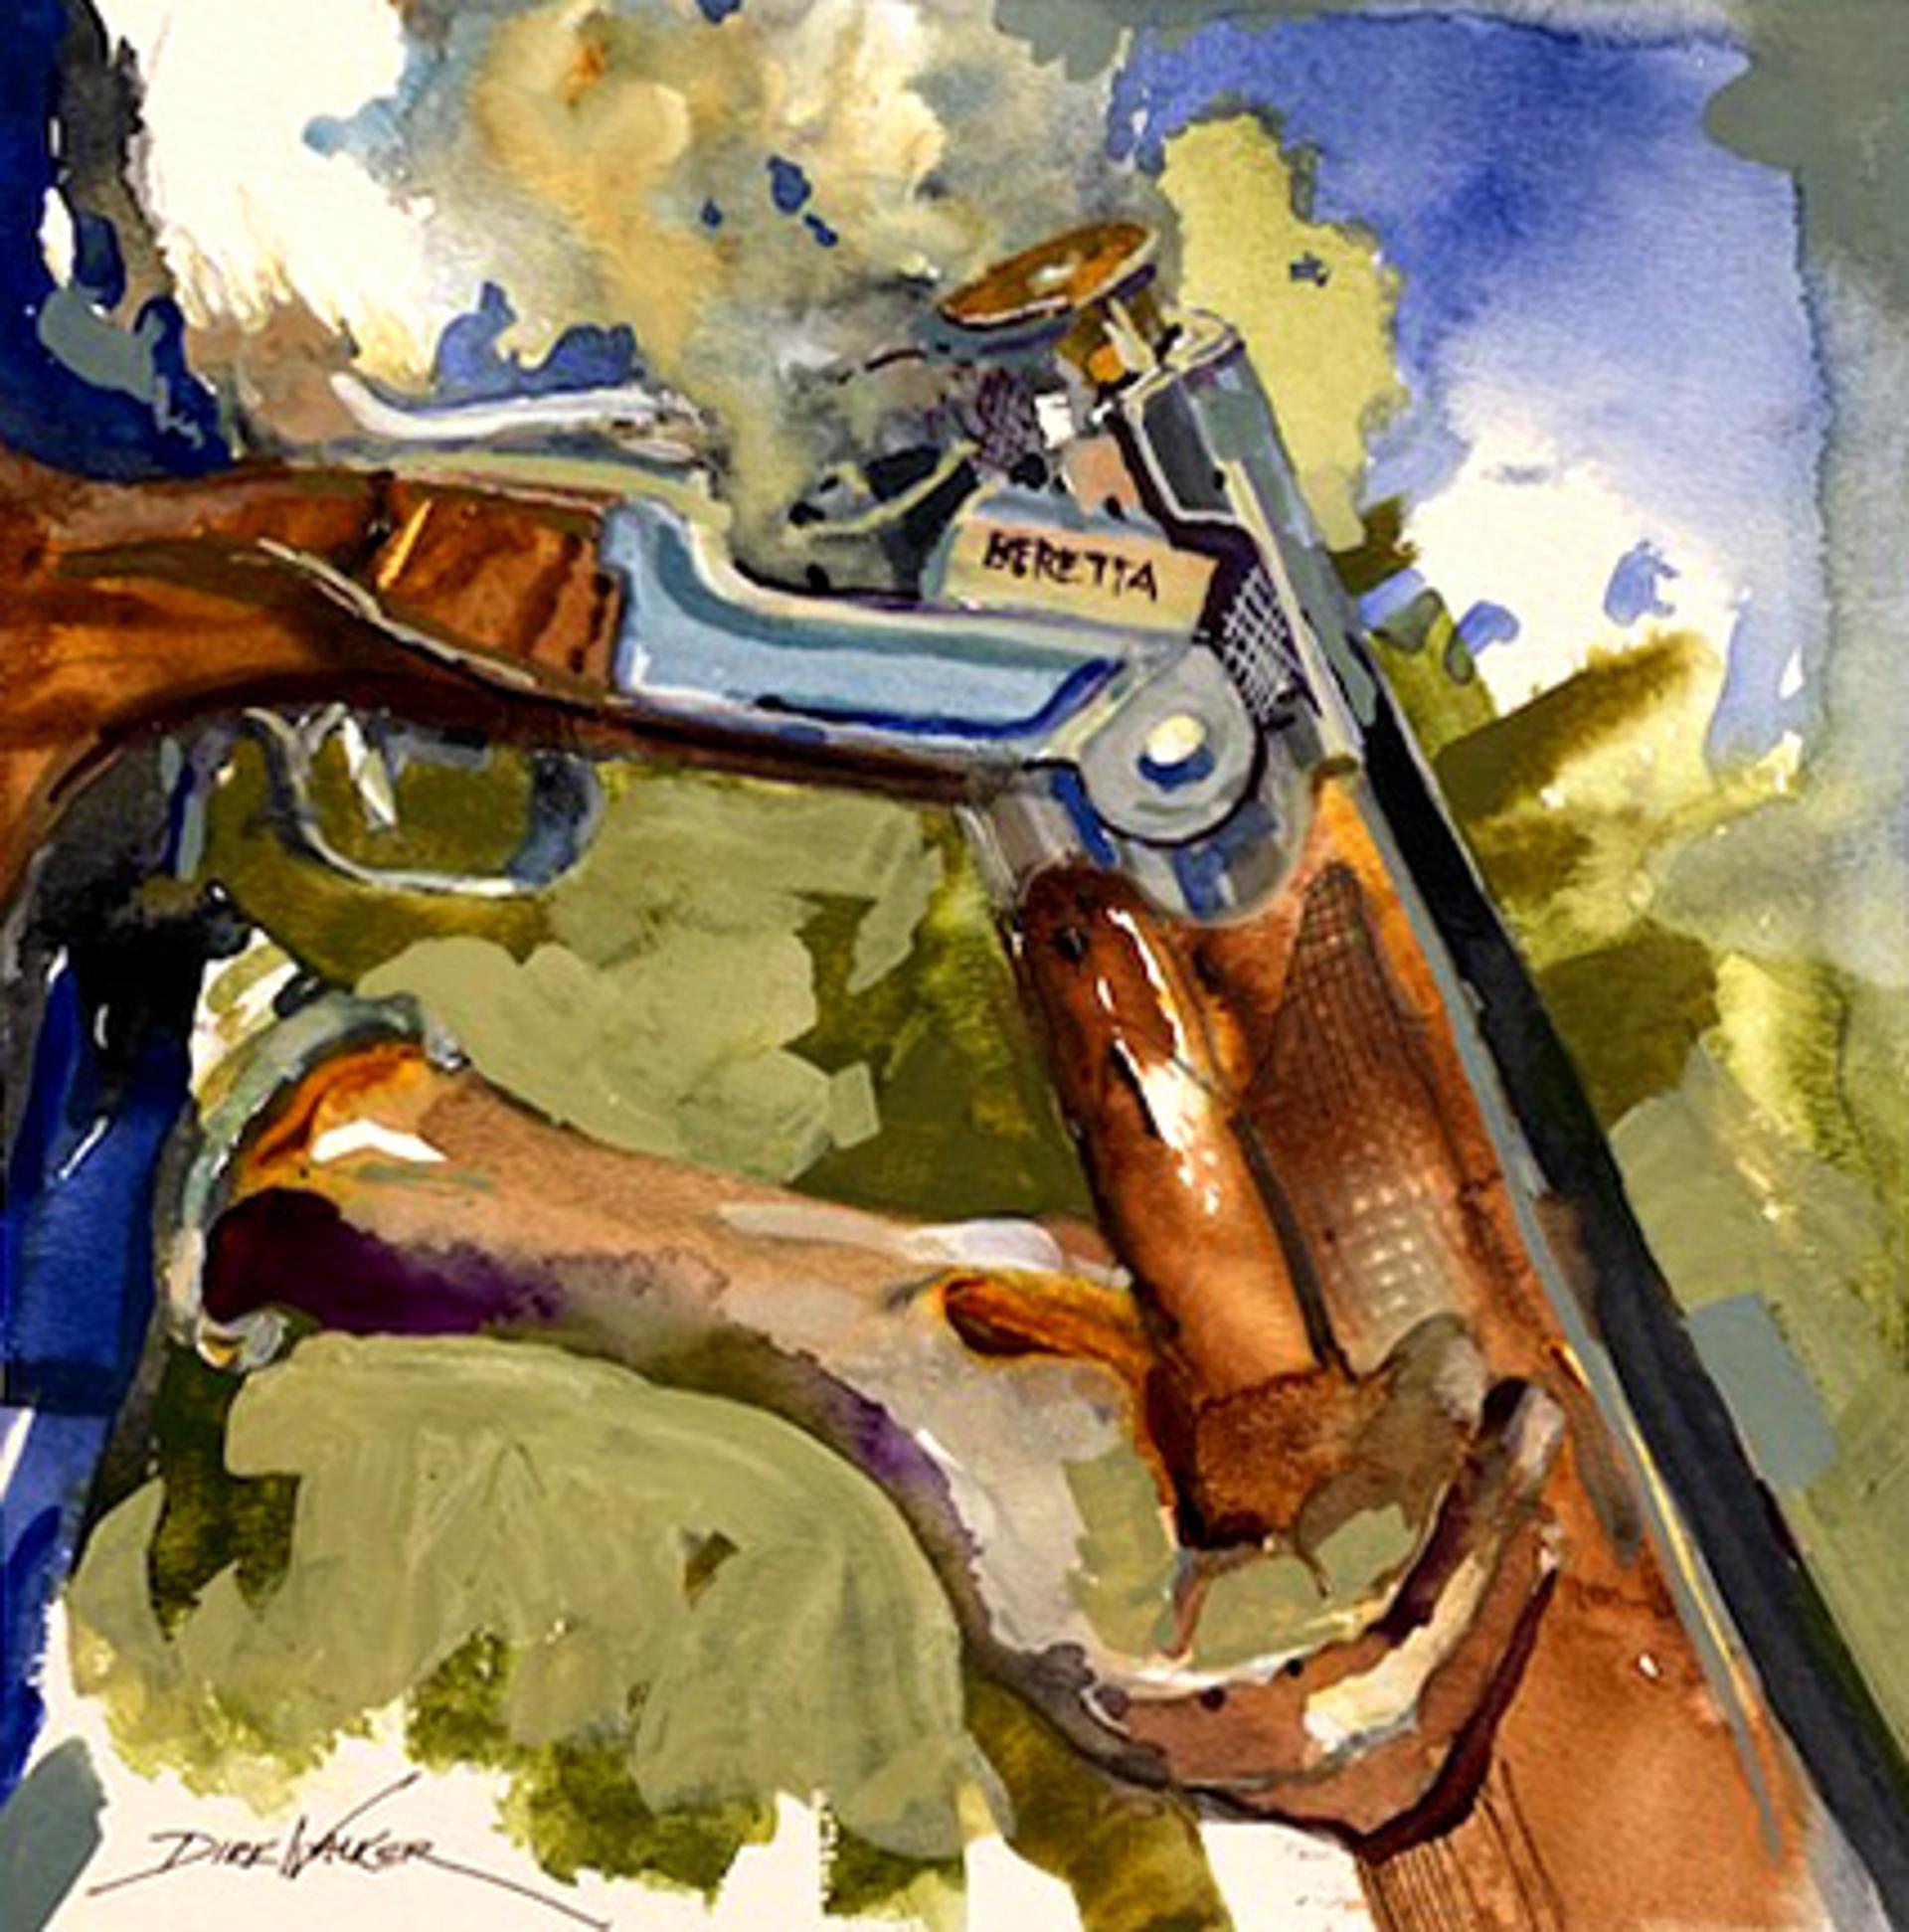 Beretta by Dirk Walker